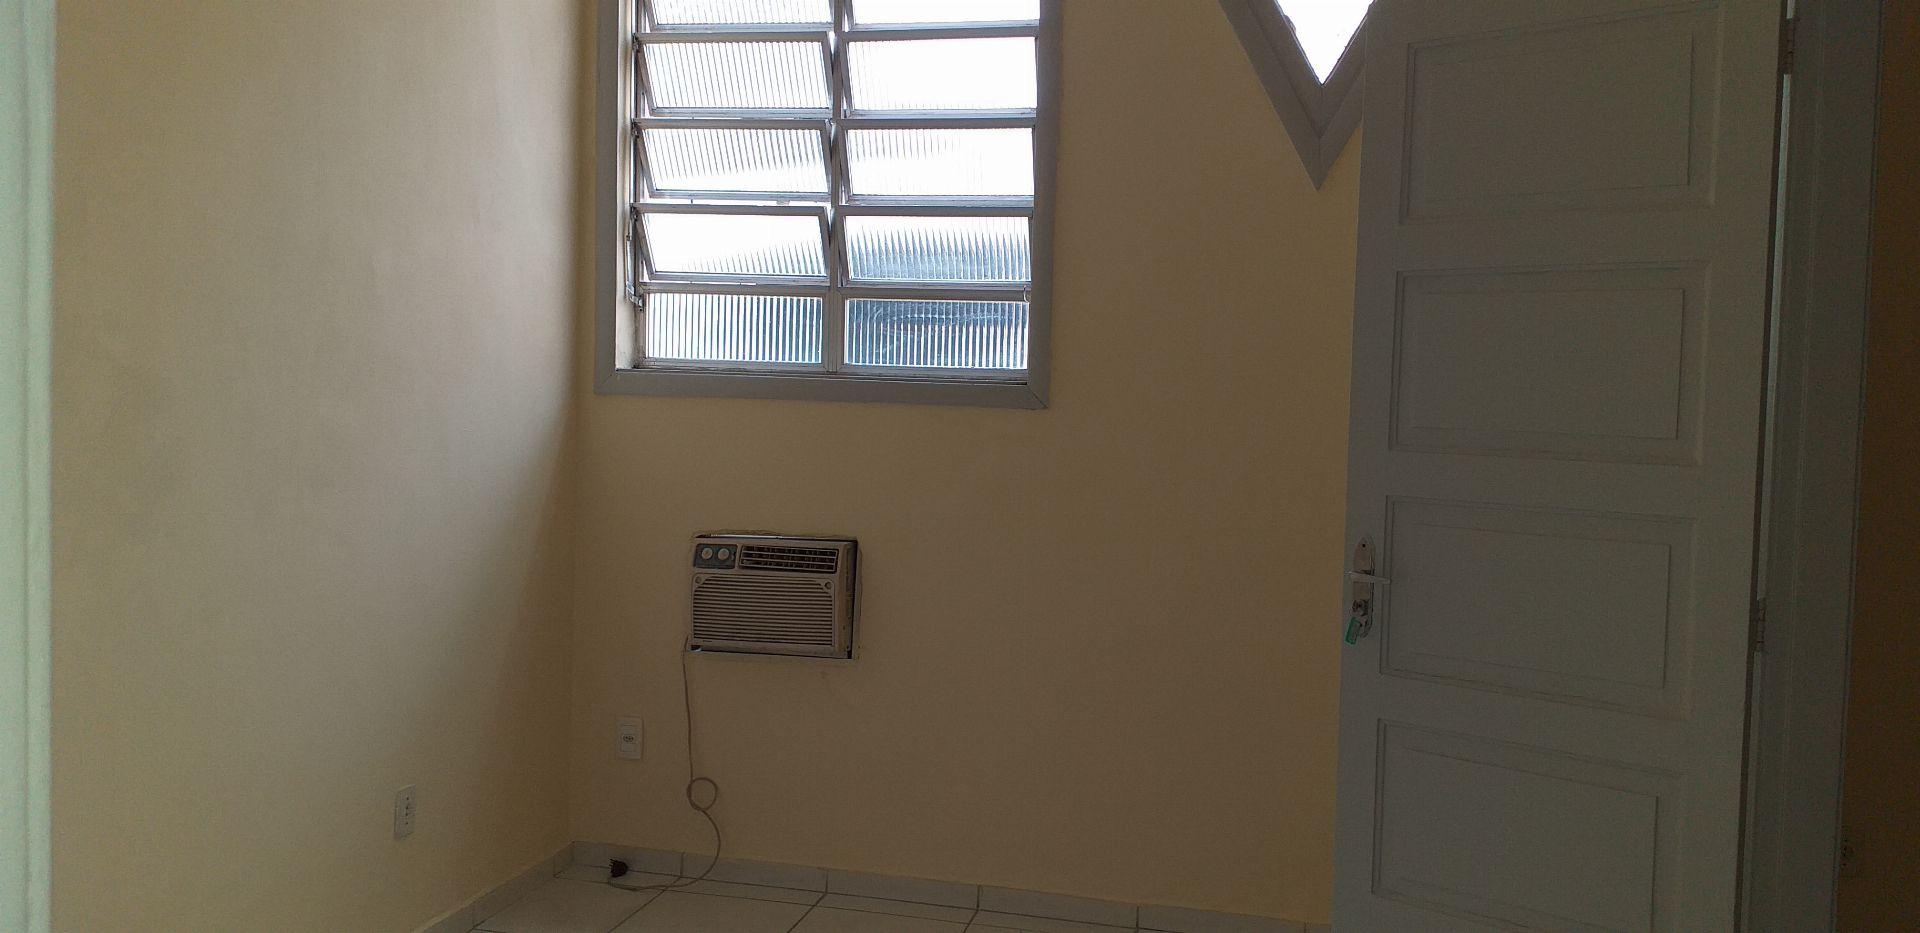 Apartamento Rua Prefeito Olímpio de Melo,Benfica,Zona Norte,Rio de Janeiro,RJ Para Alugar,4 Quartos,90m² - 649 - 6